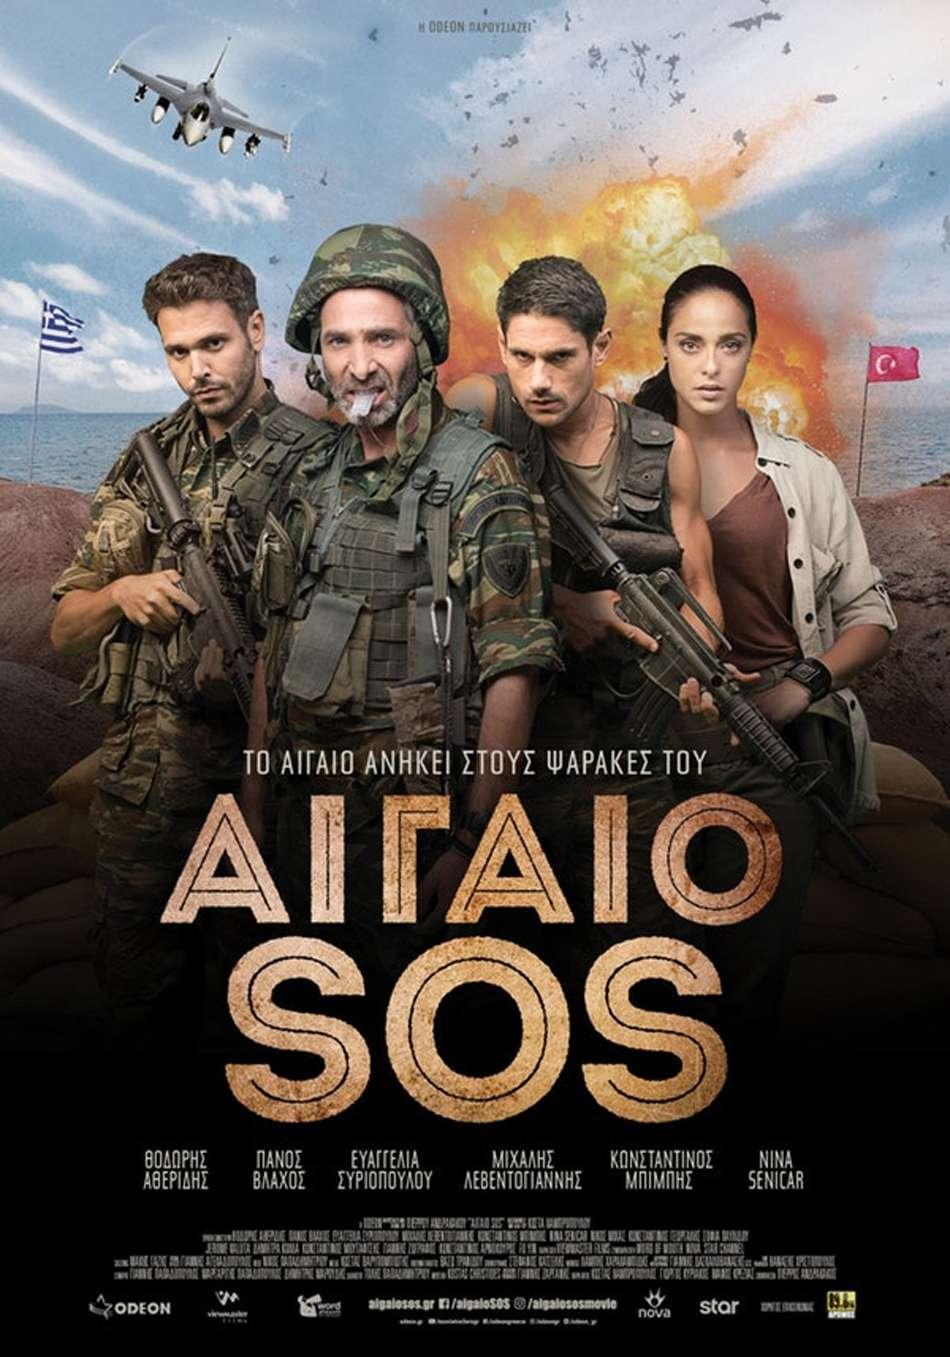 Αιγαίο SOS Poster Πόστερ